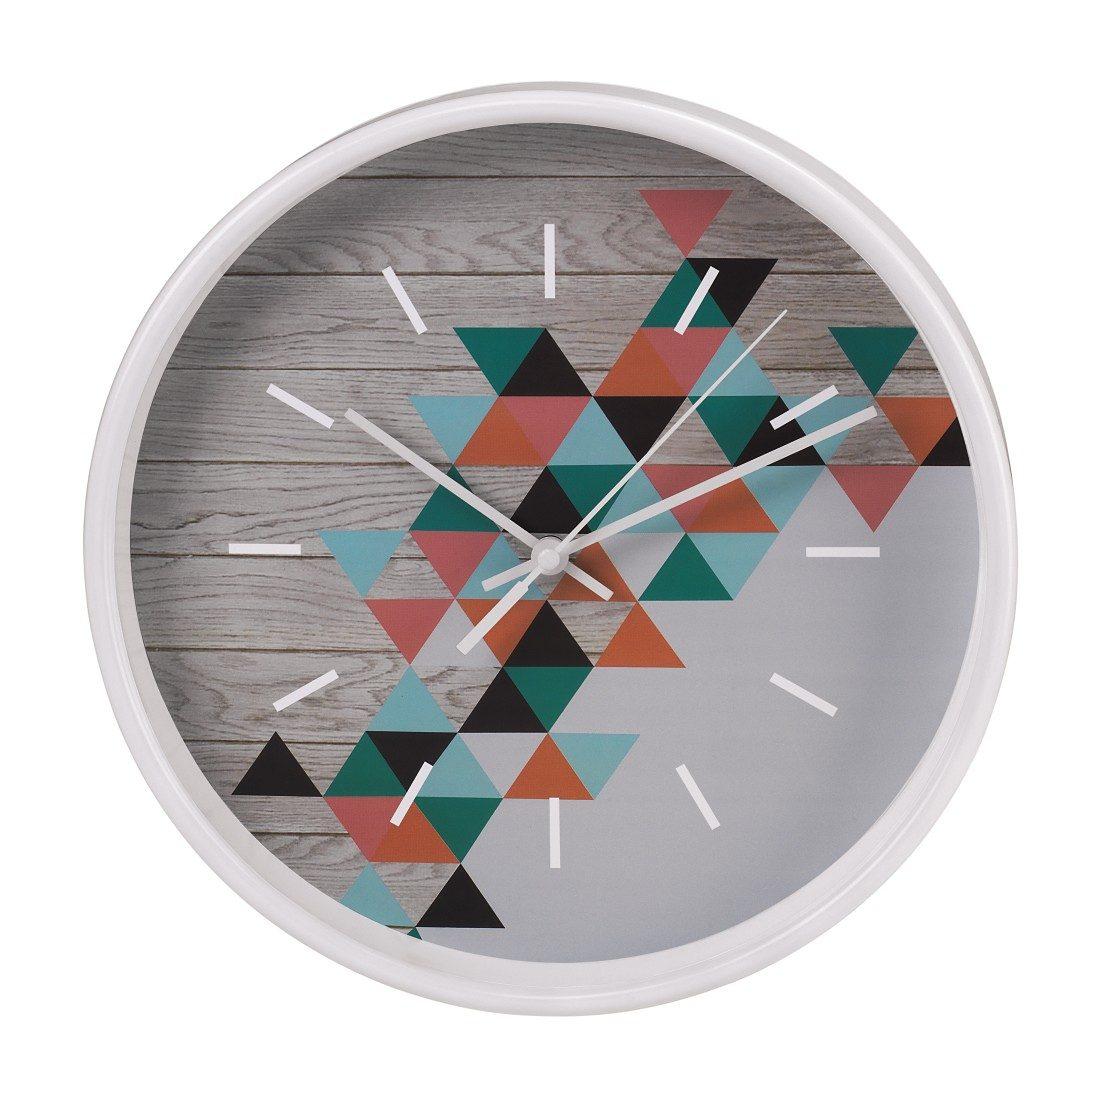 Hama Wanduhr geräuscharme Uhr ohne Ticken, leise, 26 cm, rund »modernes Dreieck-Design«